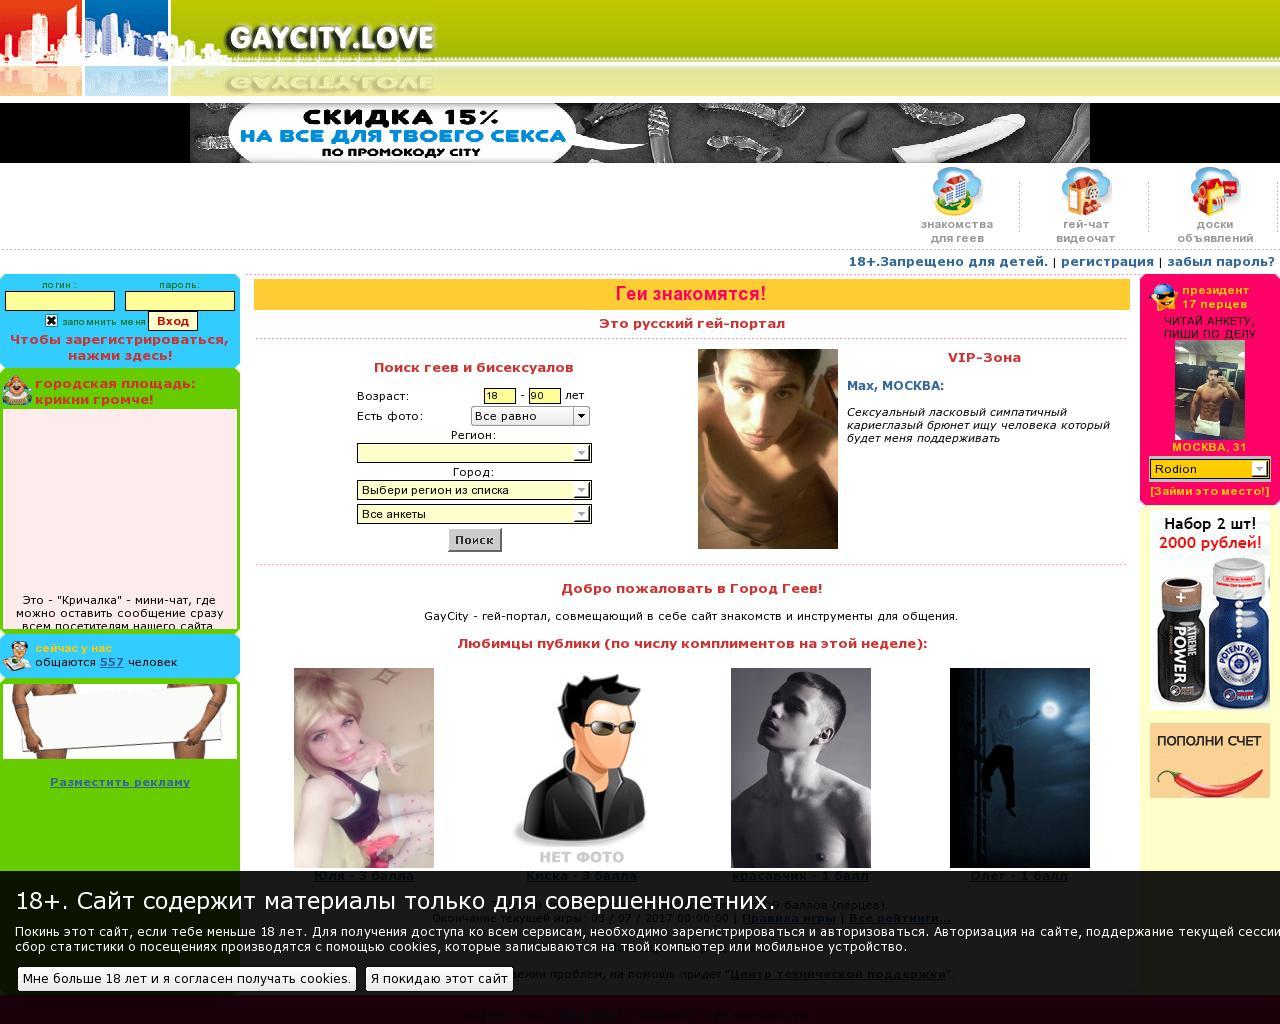 сайт для общения знакомств геев и